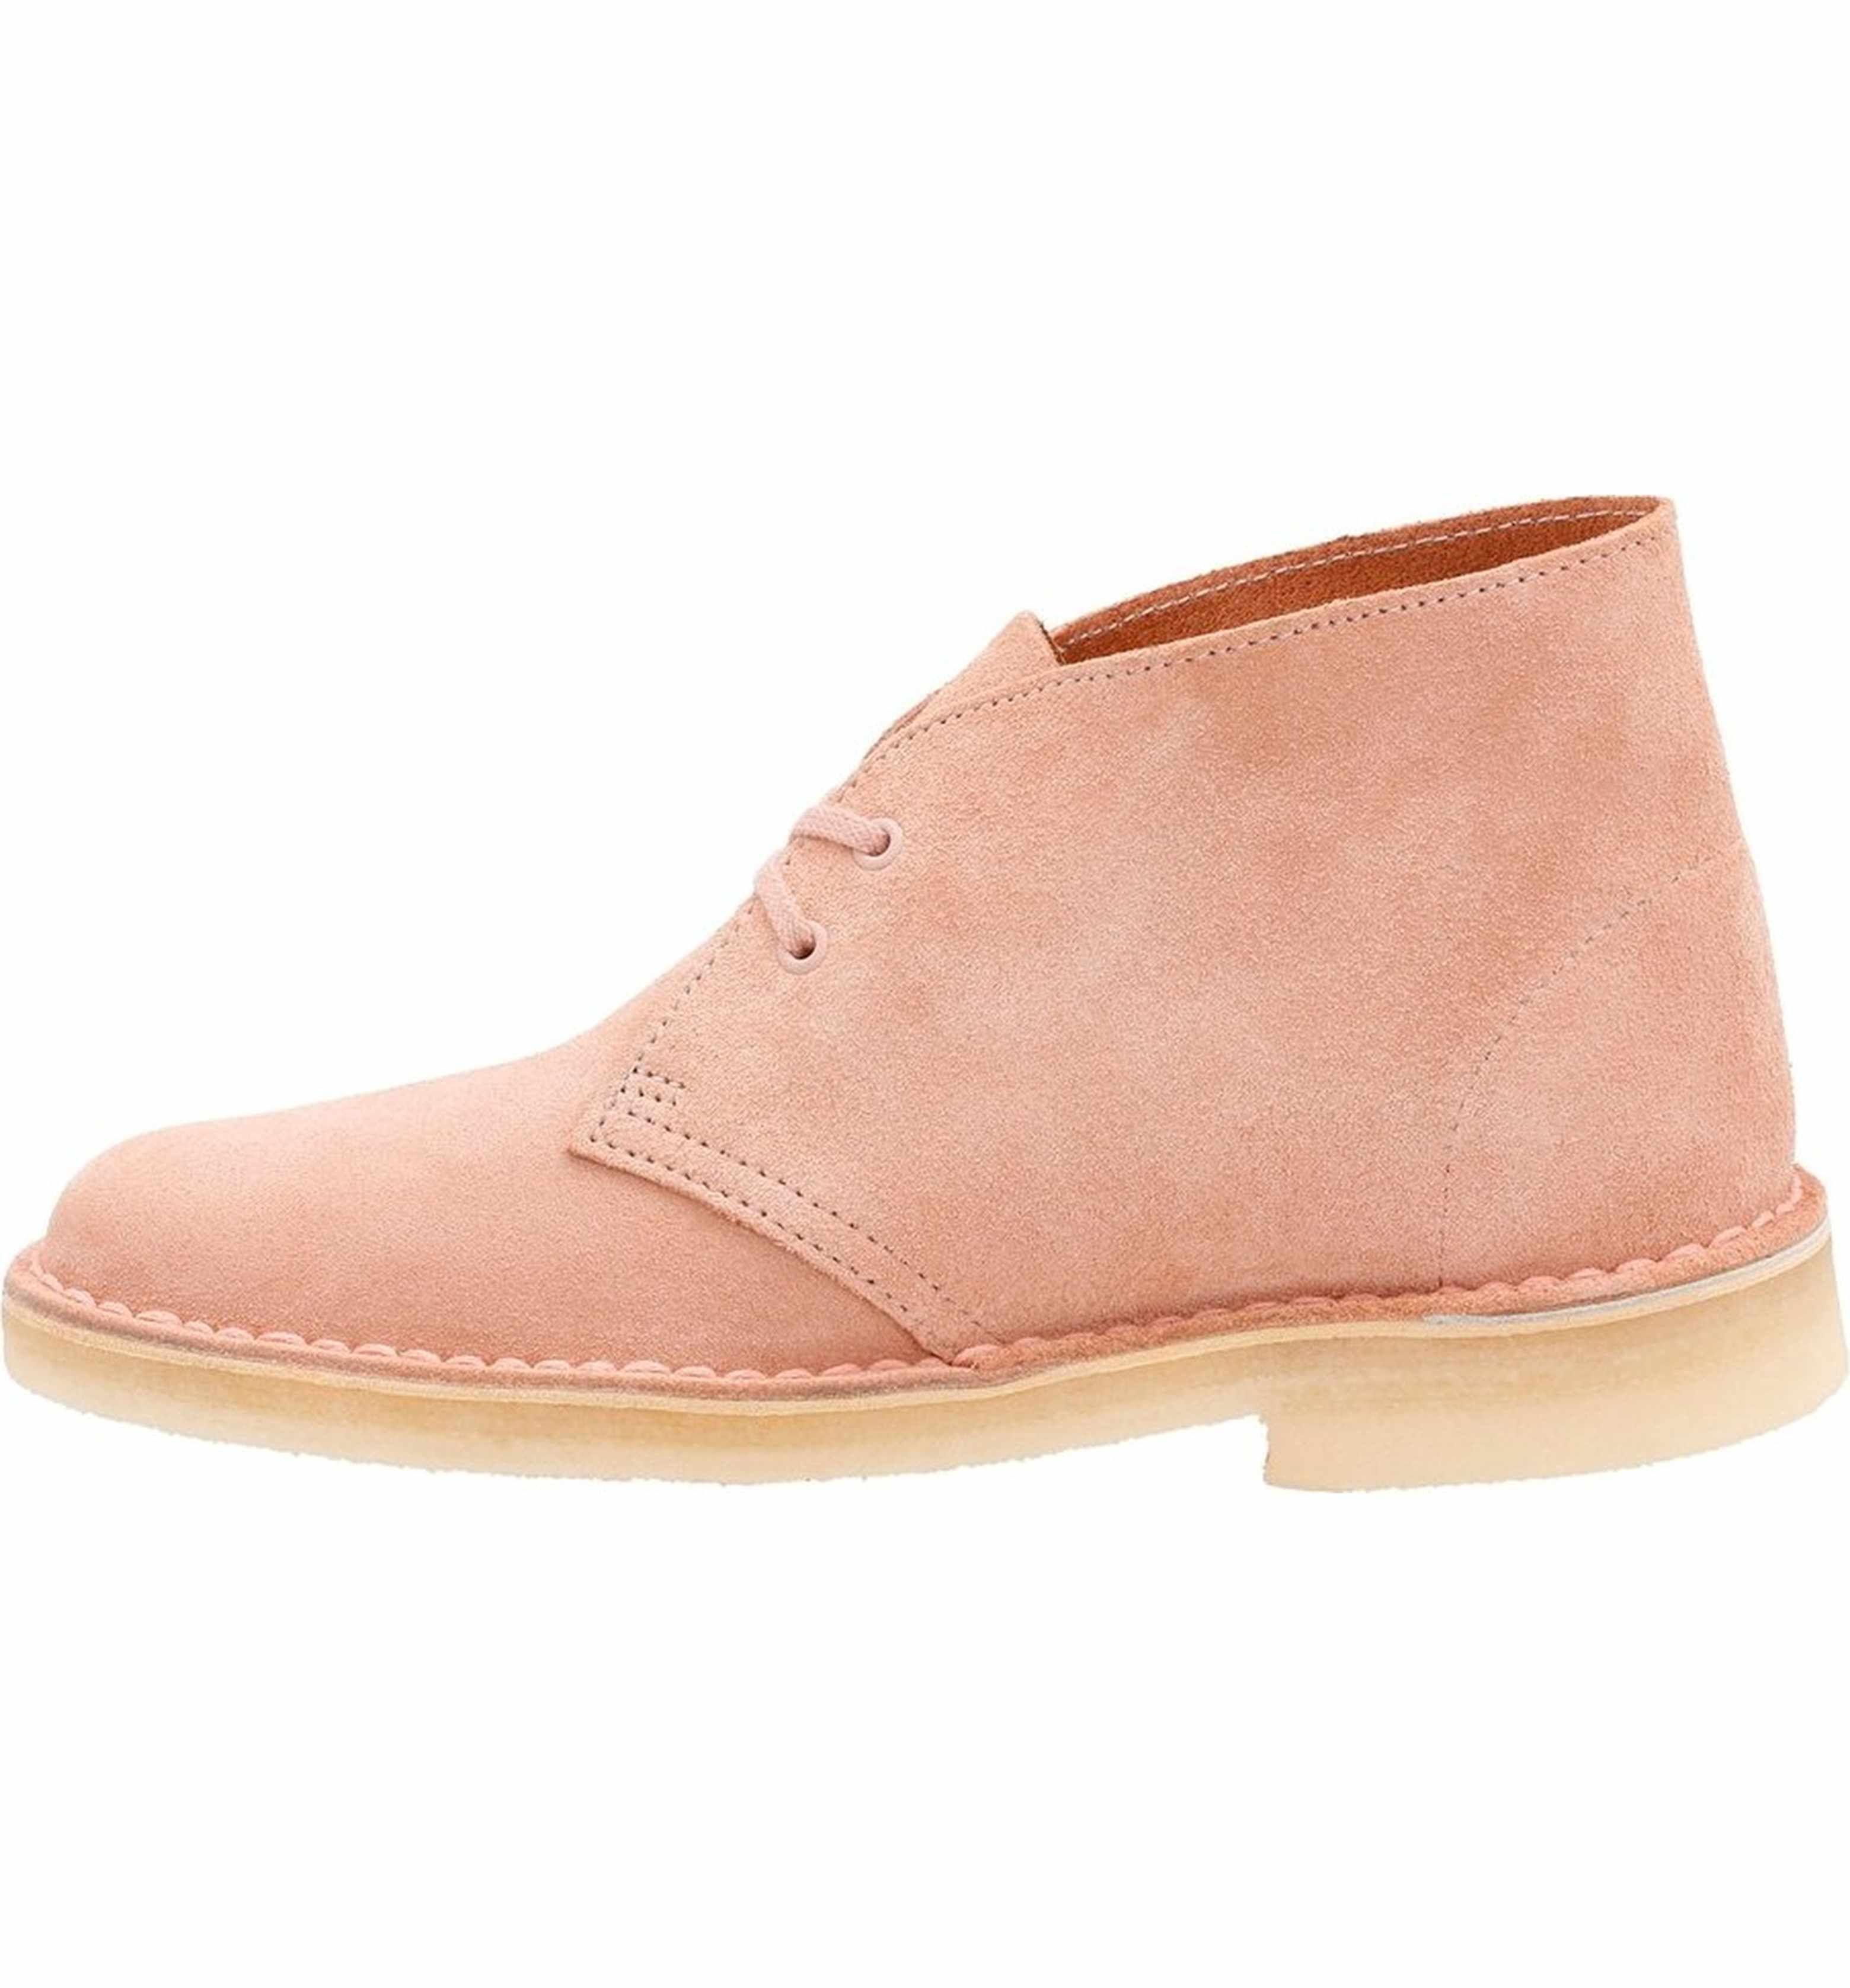 womens desert boots how to wear